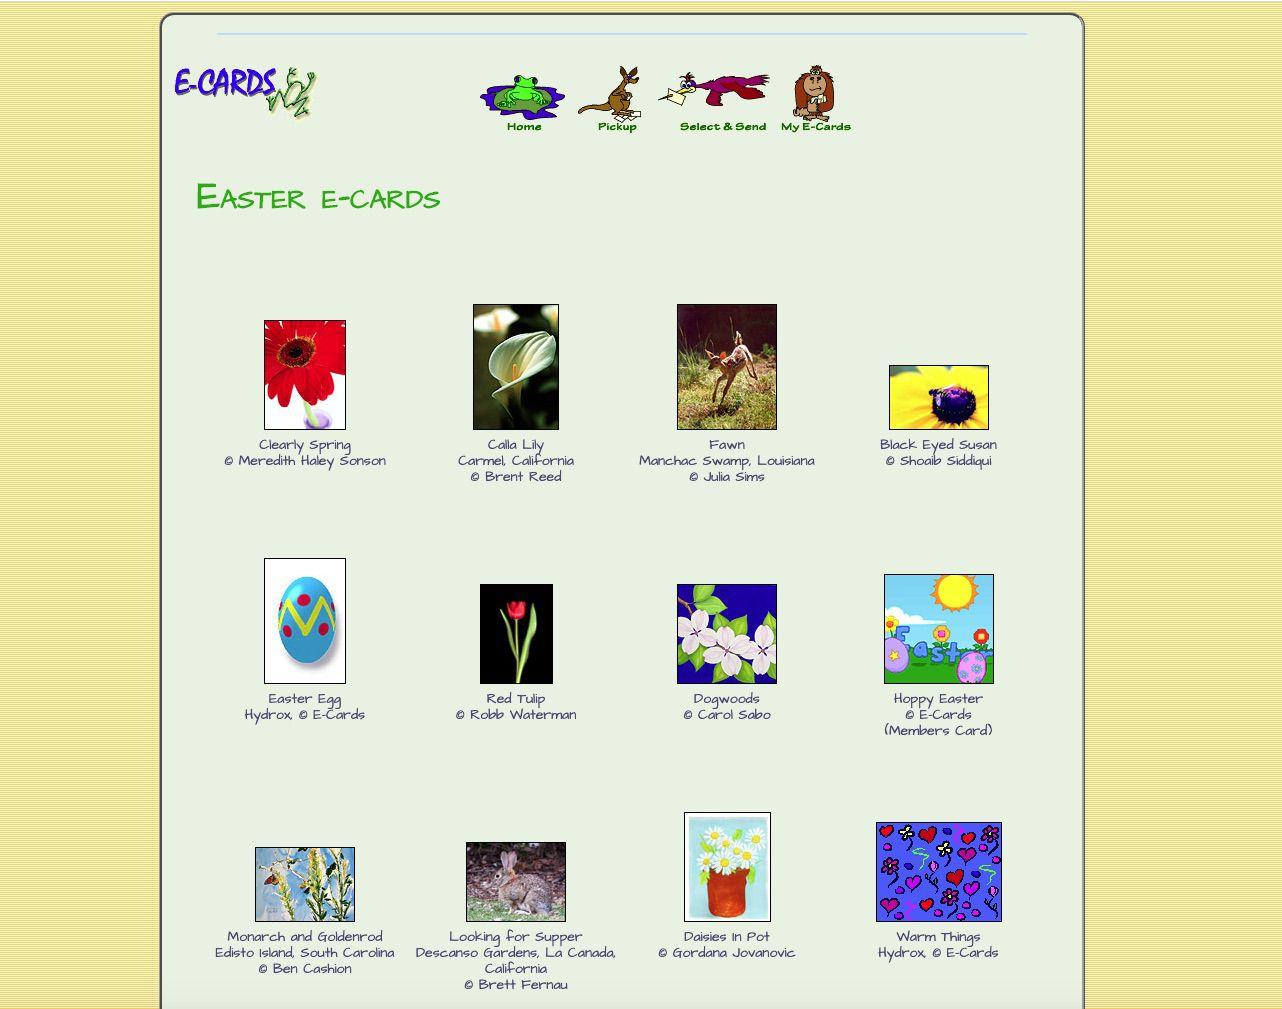 Free Easter E-Cards from ECards.com